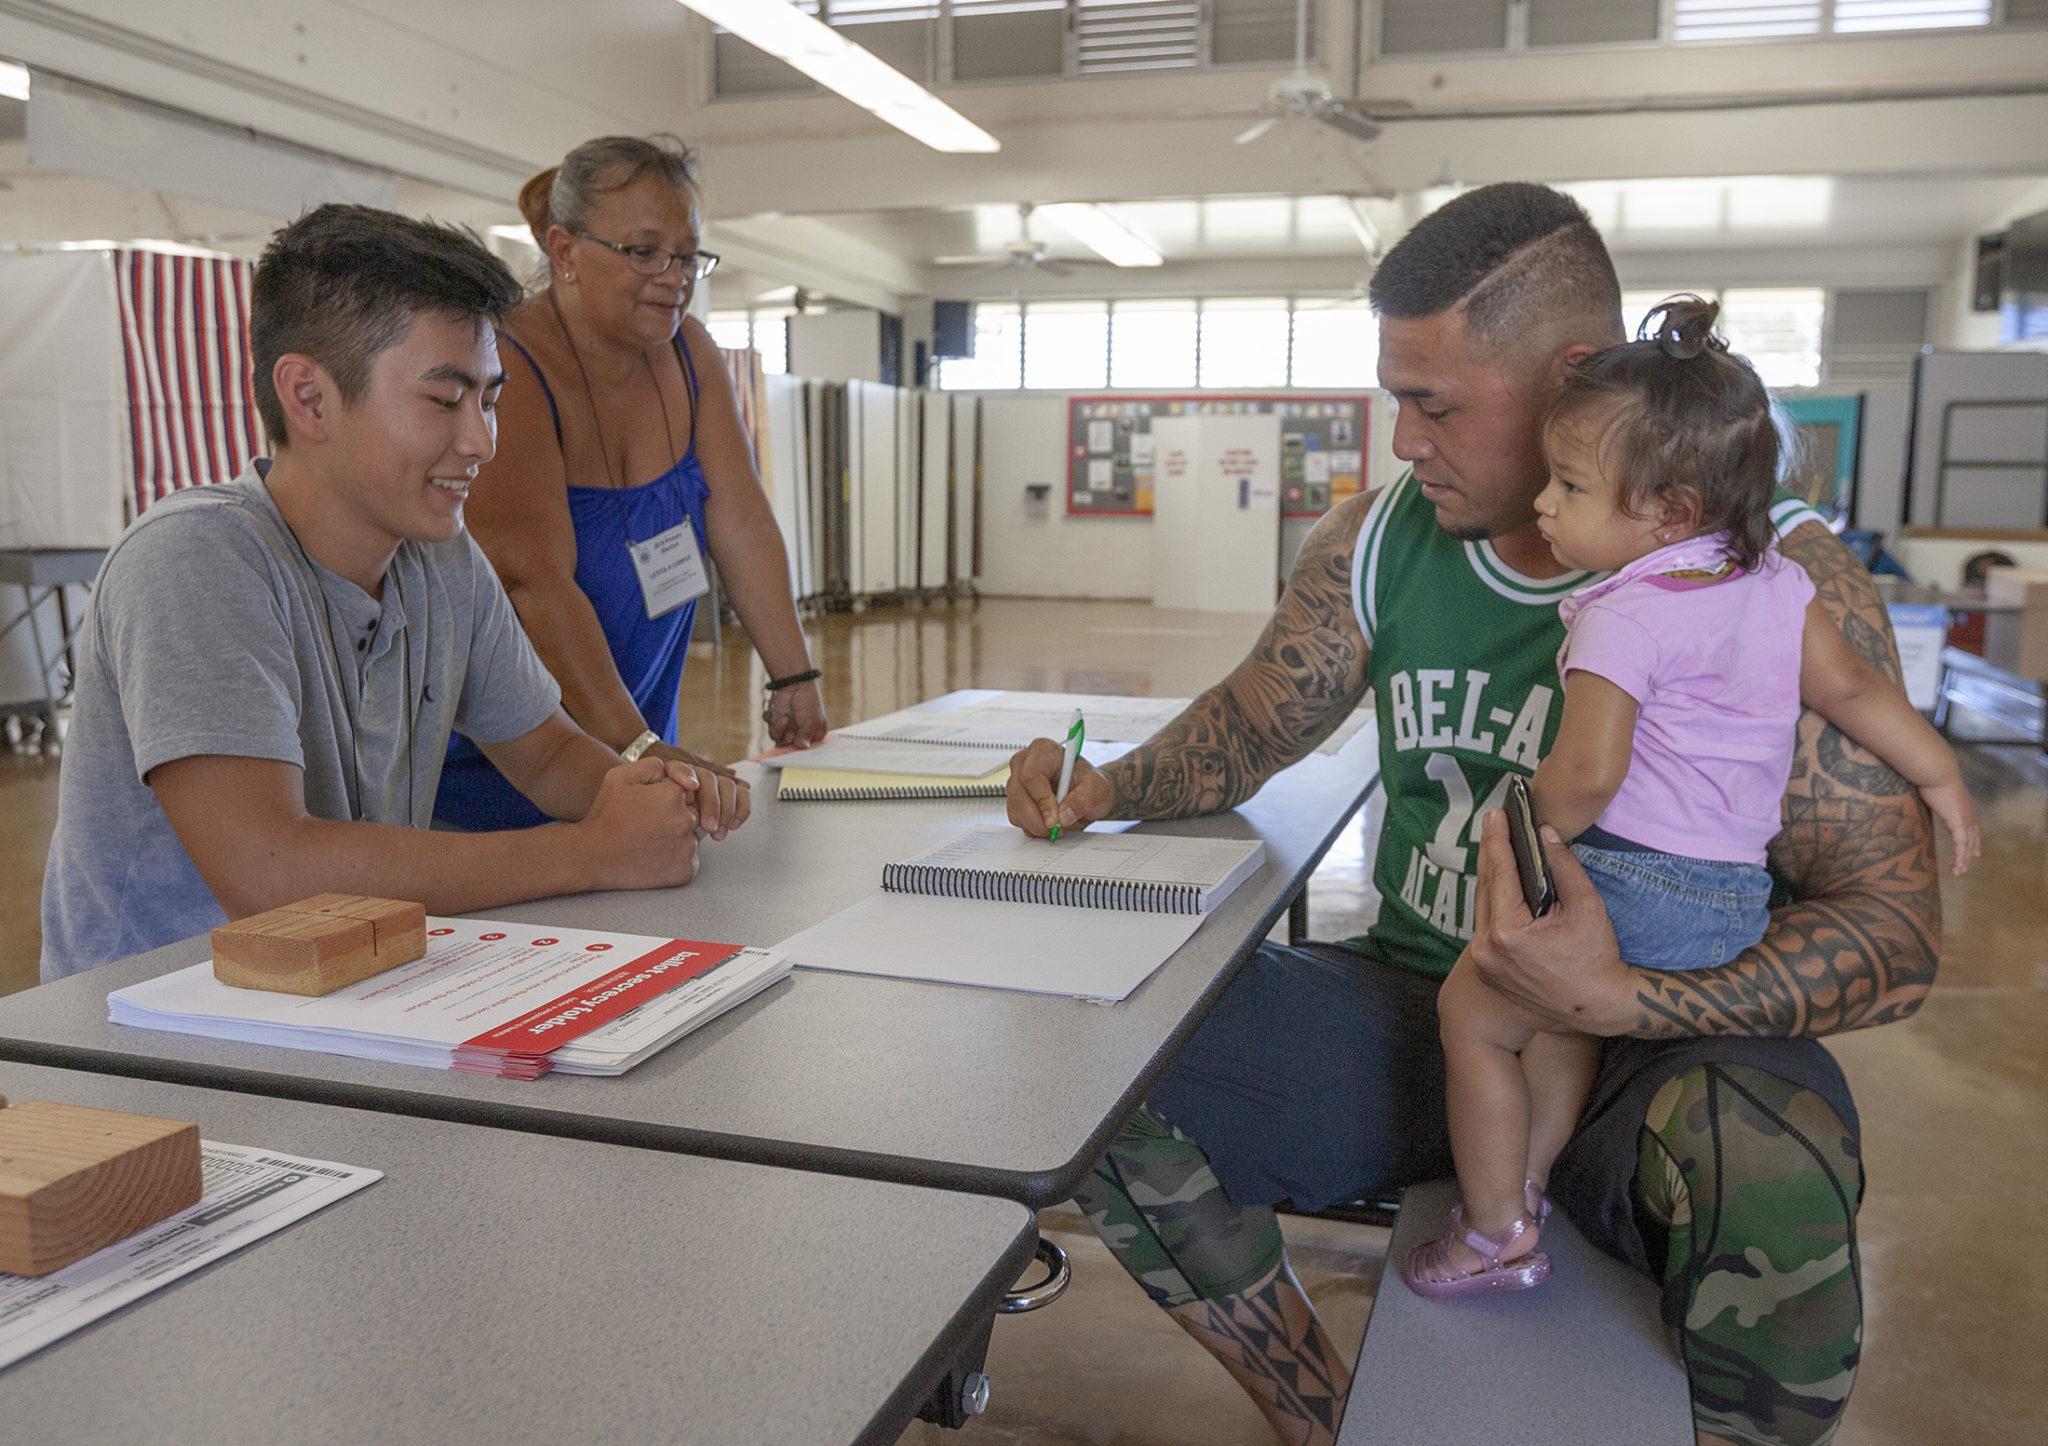 <p>Voter precinct volunteers Tyler Maruno, left, and Letitia Corpuz help Matt Coleman, holding his daughter Natalee, sign in before voting at Lanakila Elementary School.</p>